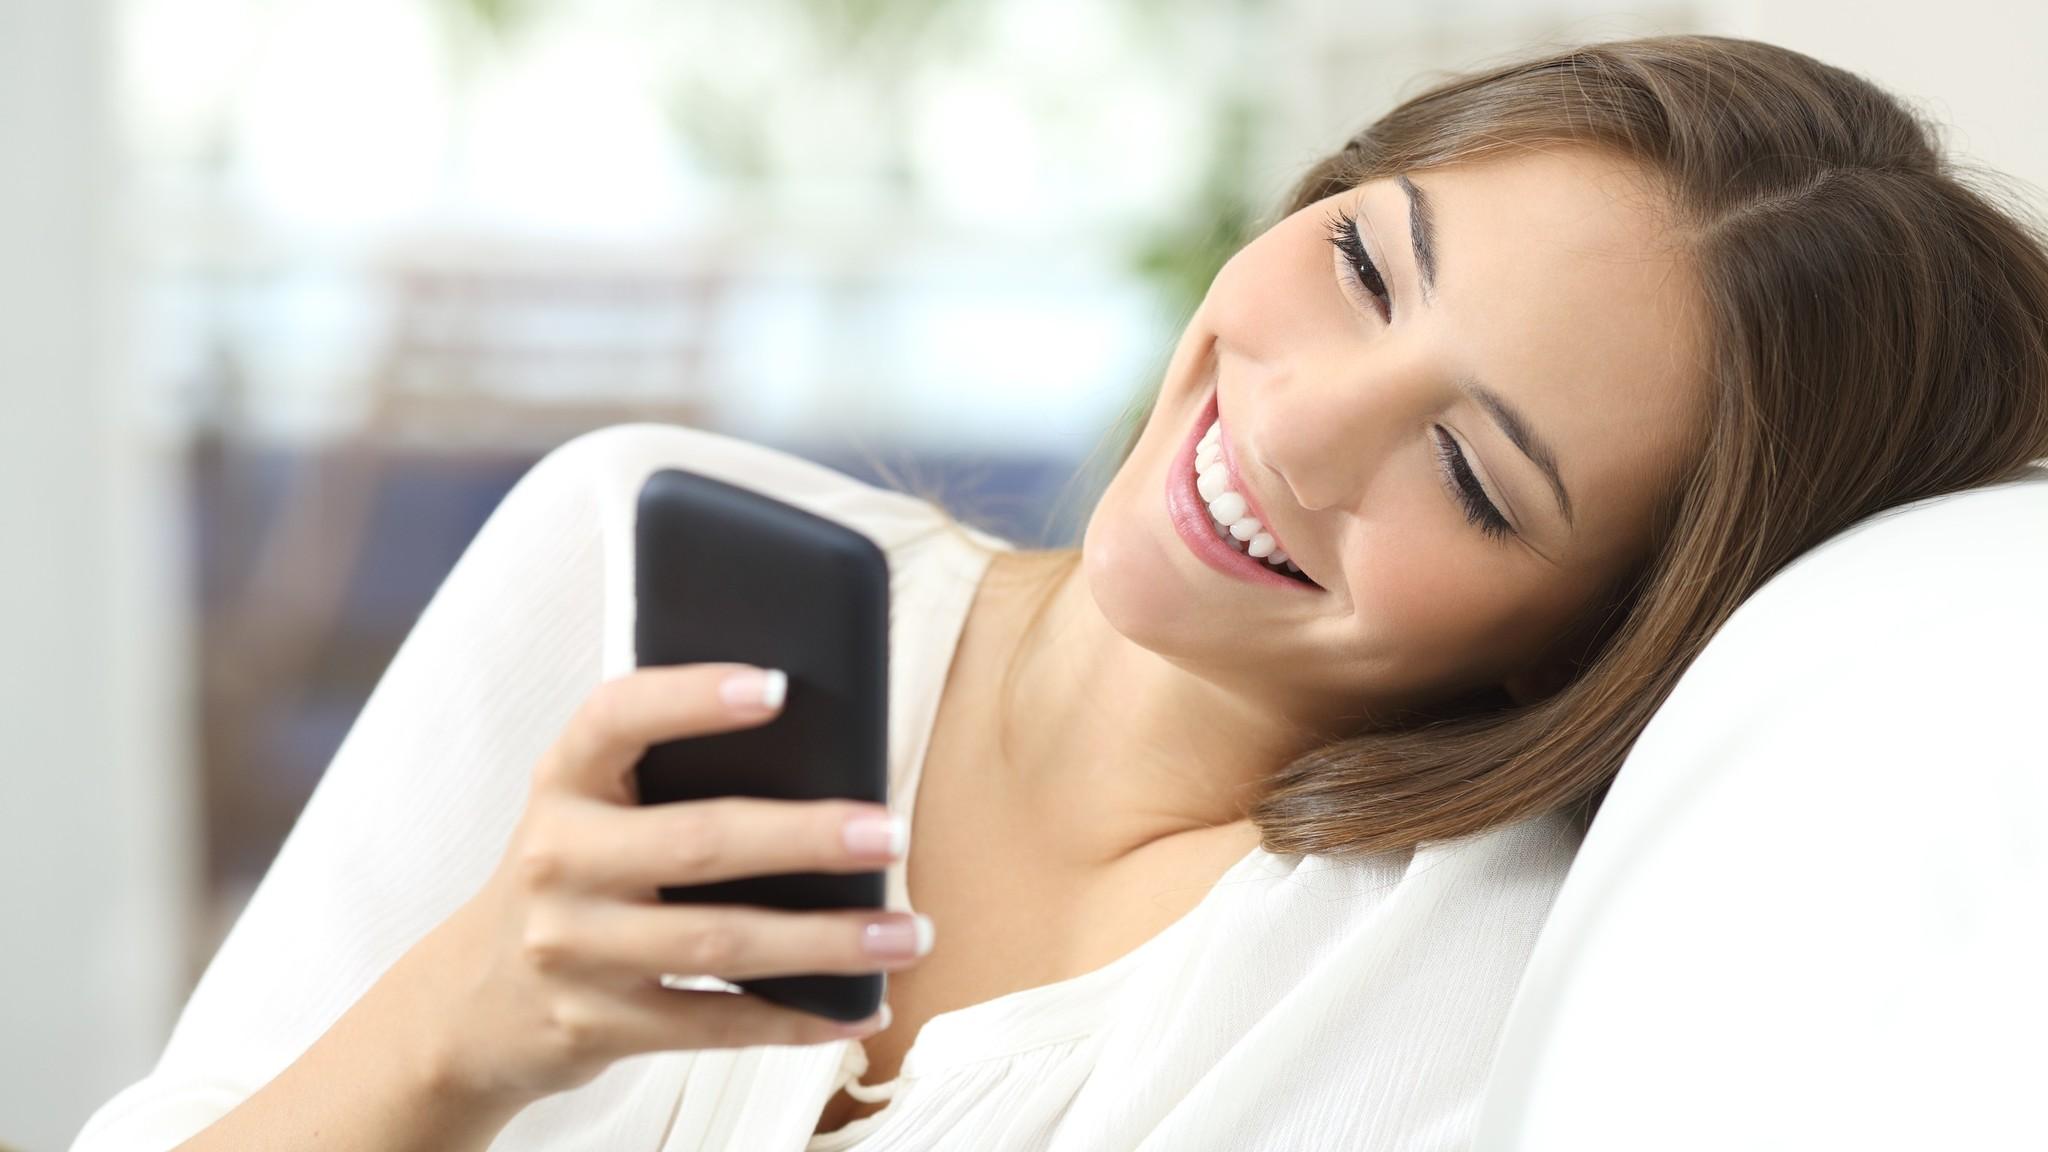 Anmeldelser for eharmony dating site